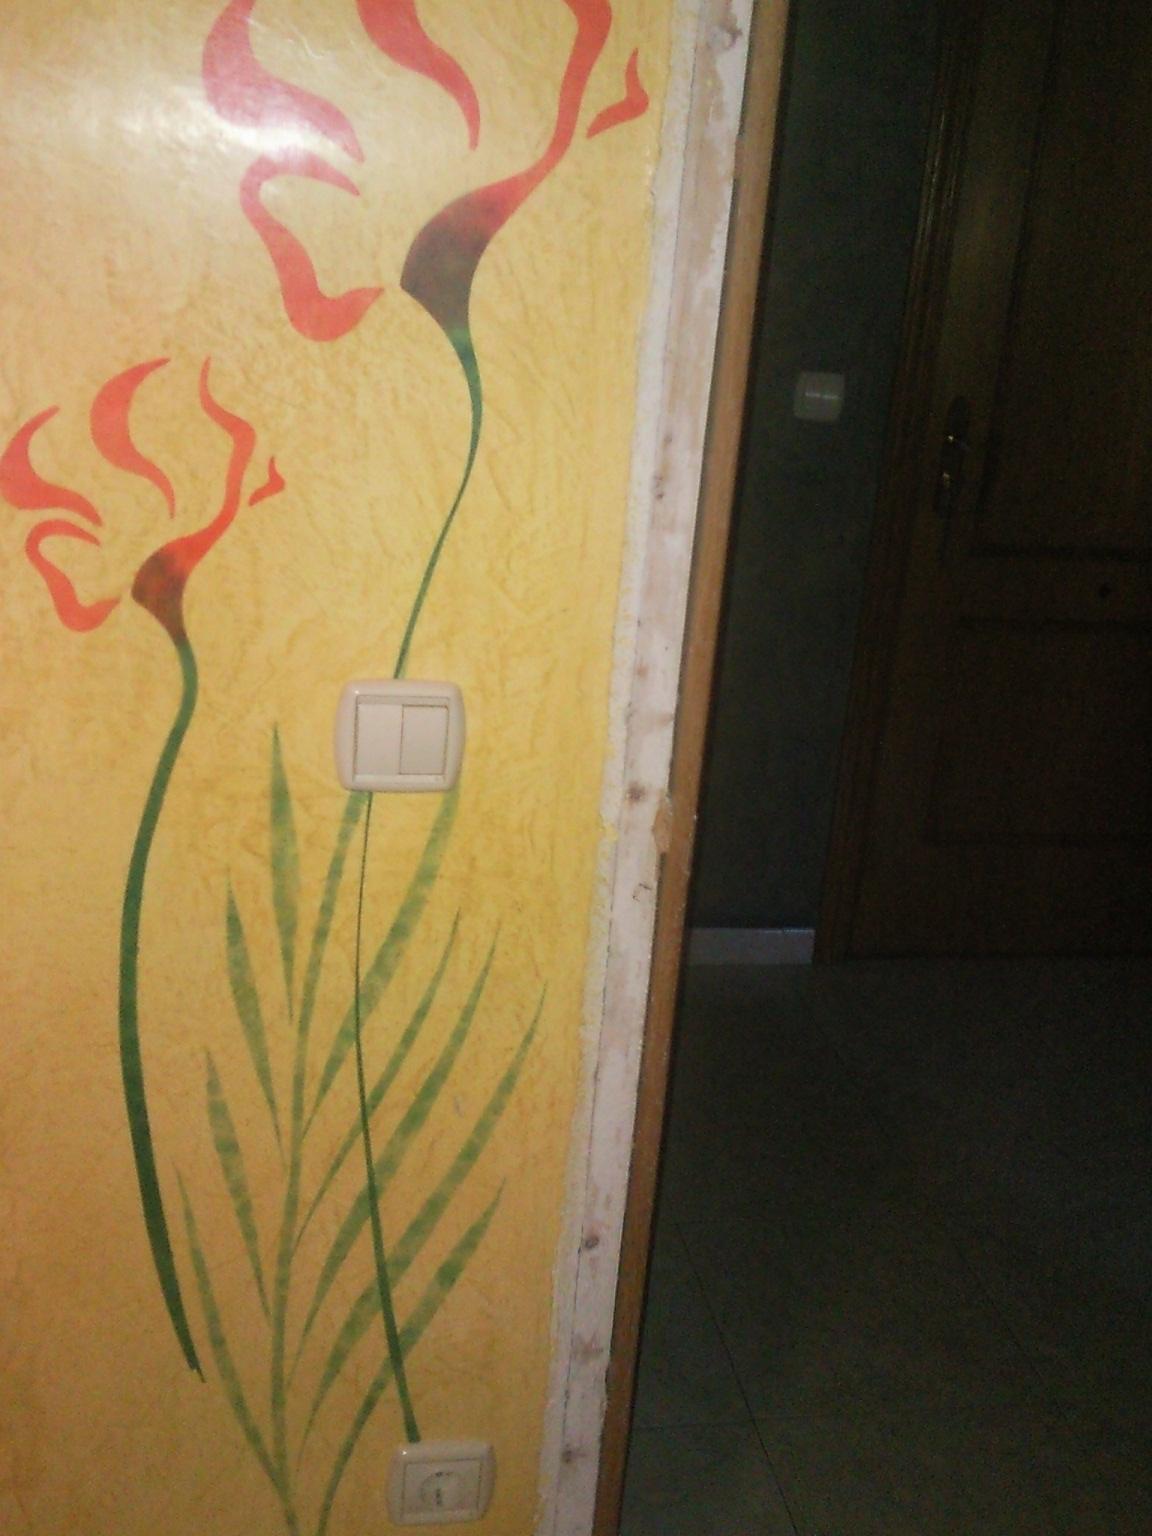 Pinturas decorativas de interior para pared y muebles - Pinturas decorativas paredes ...